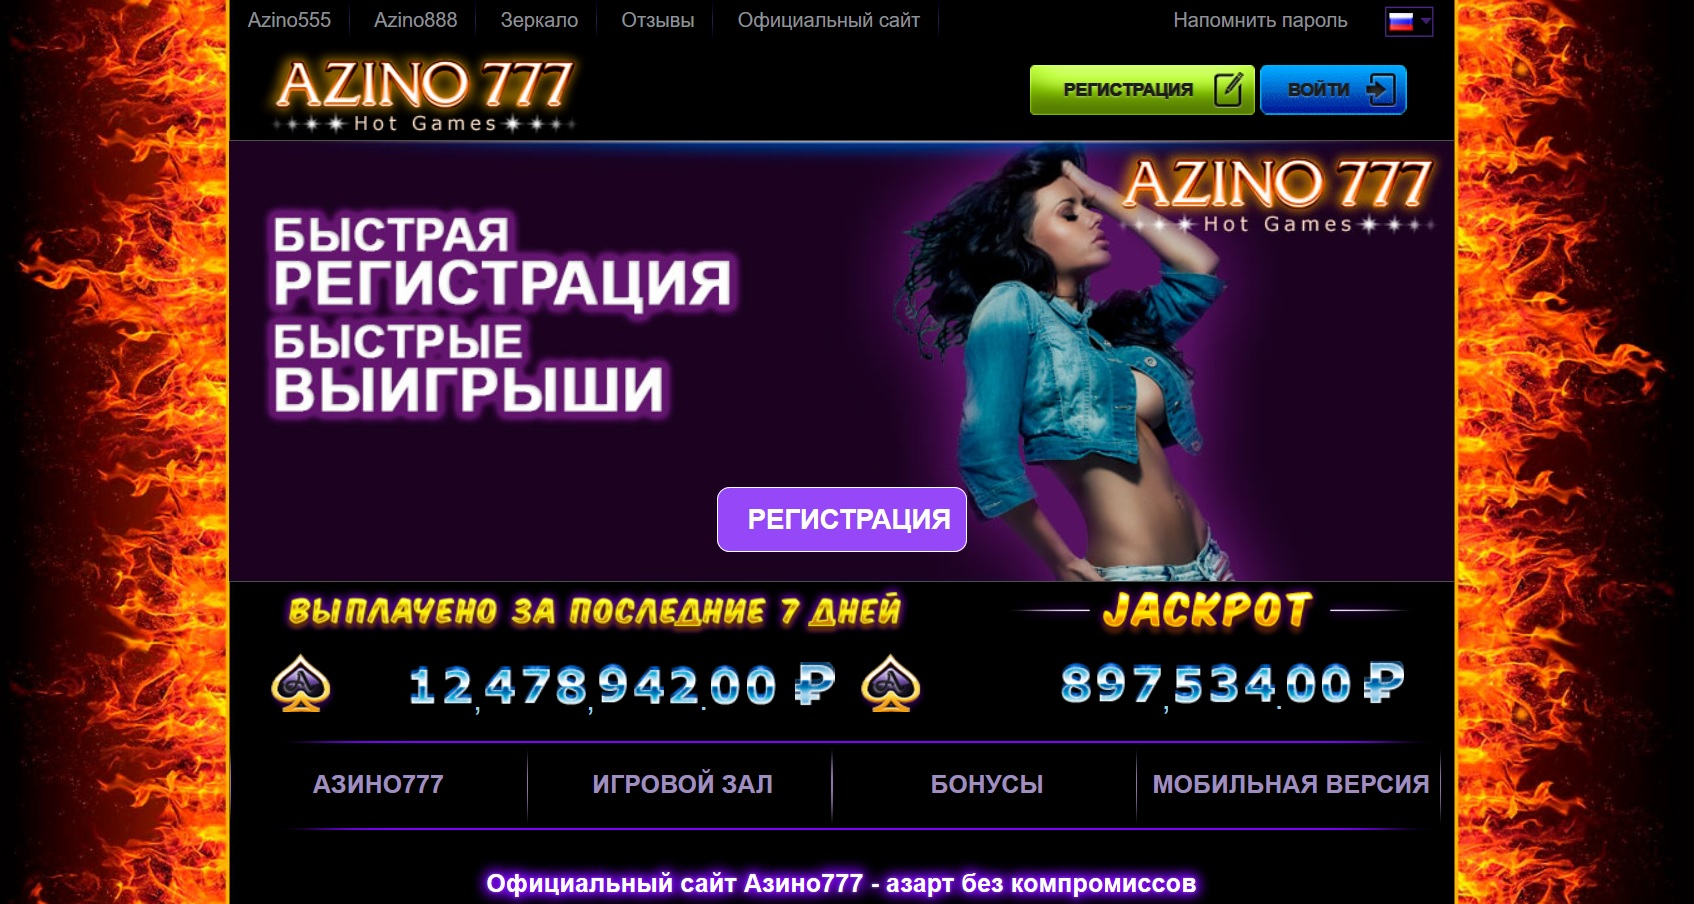 азино777 официальный сайт войти